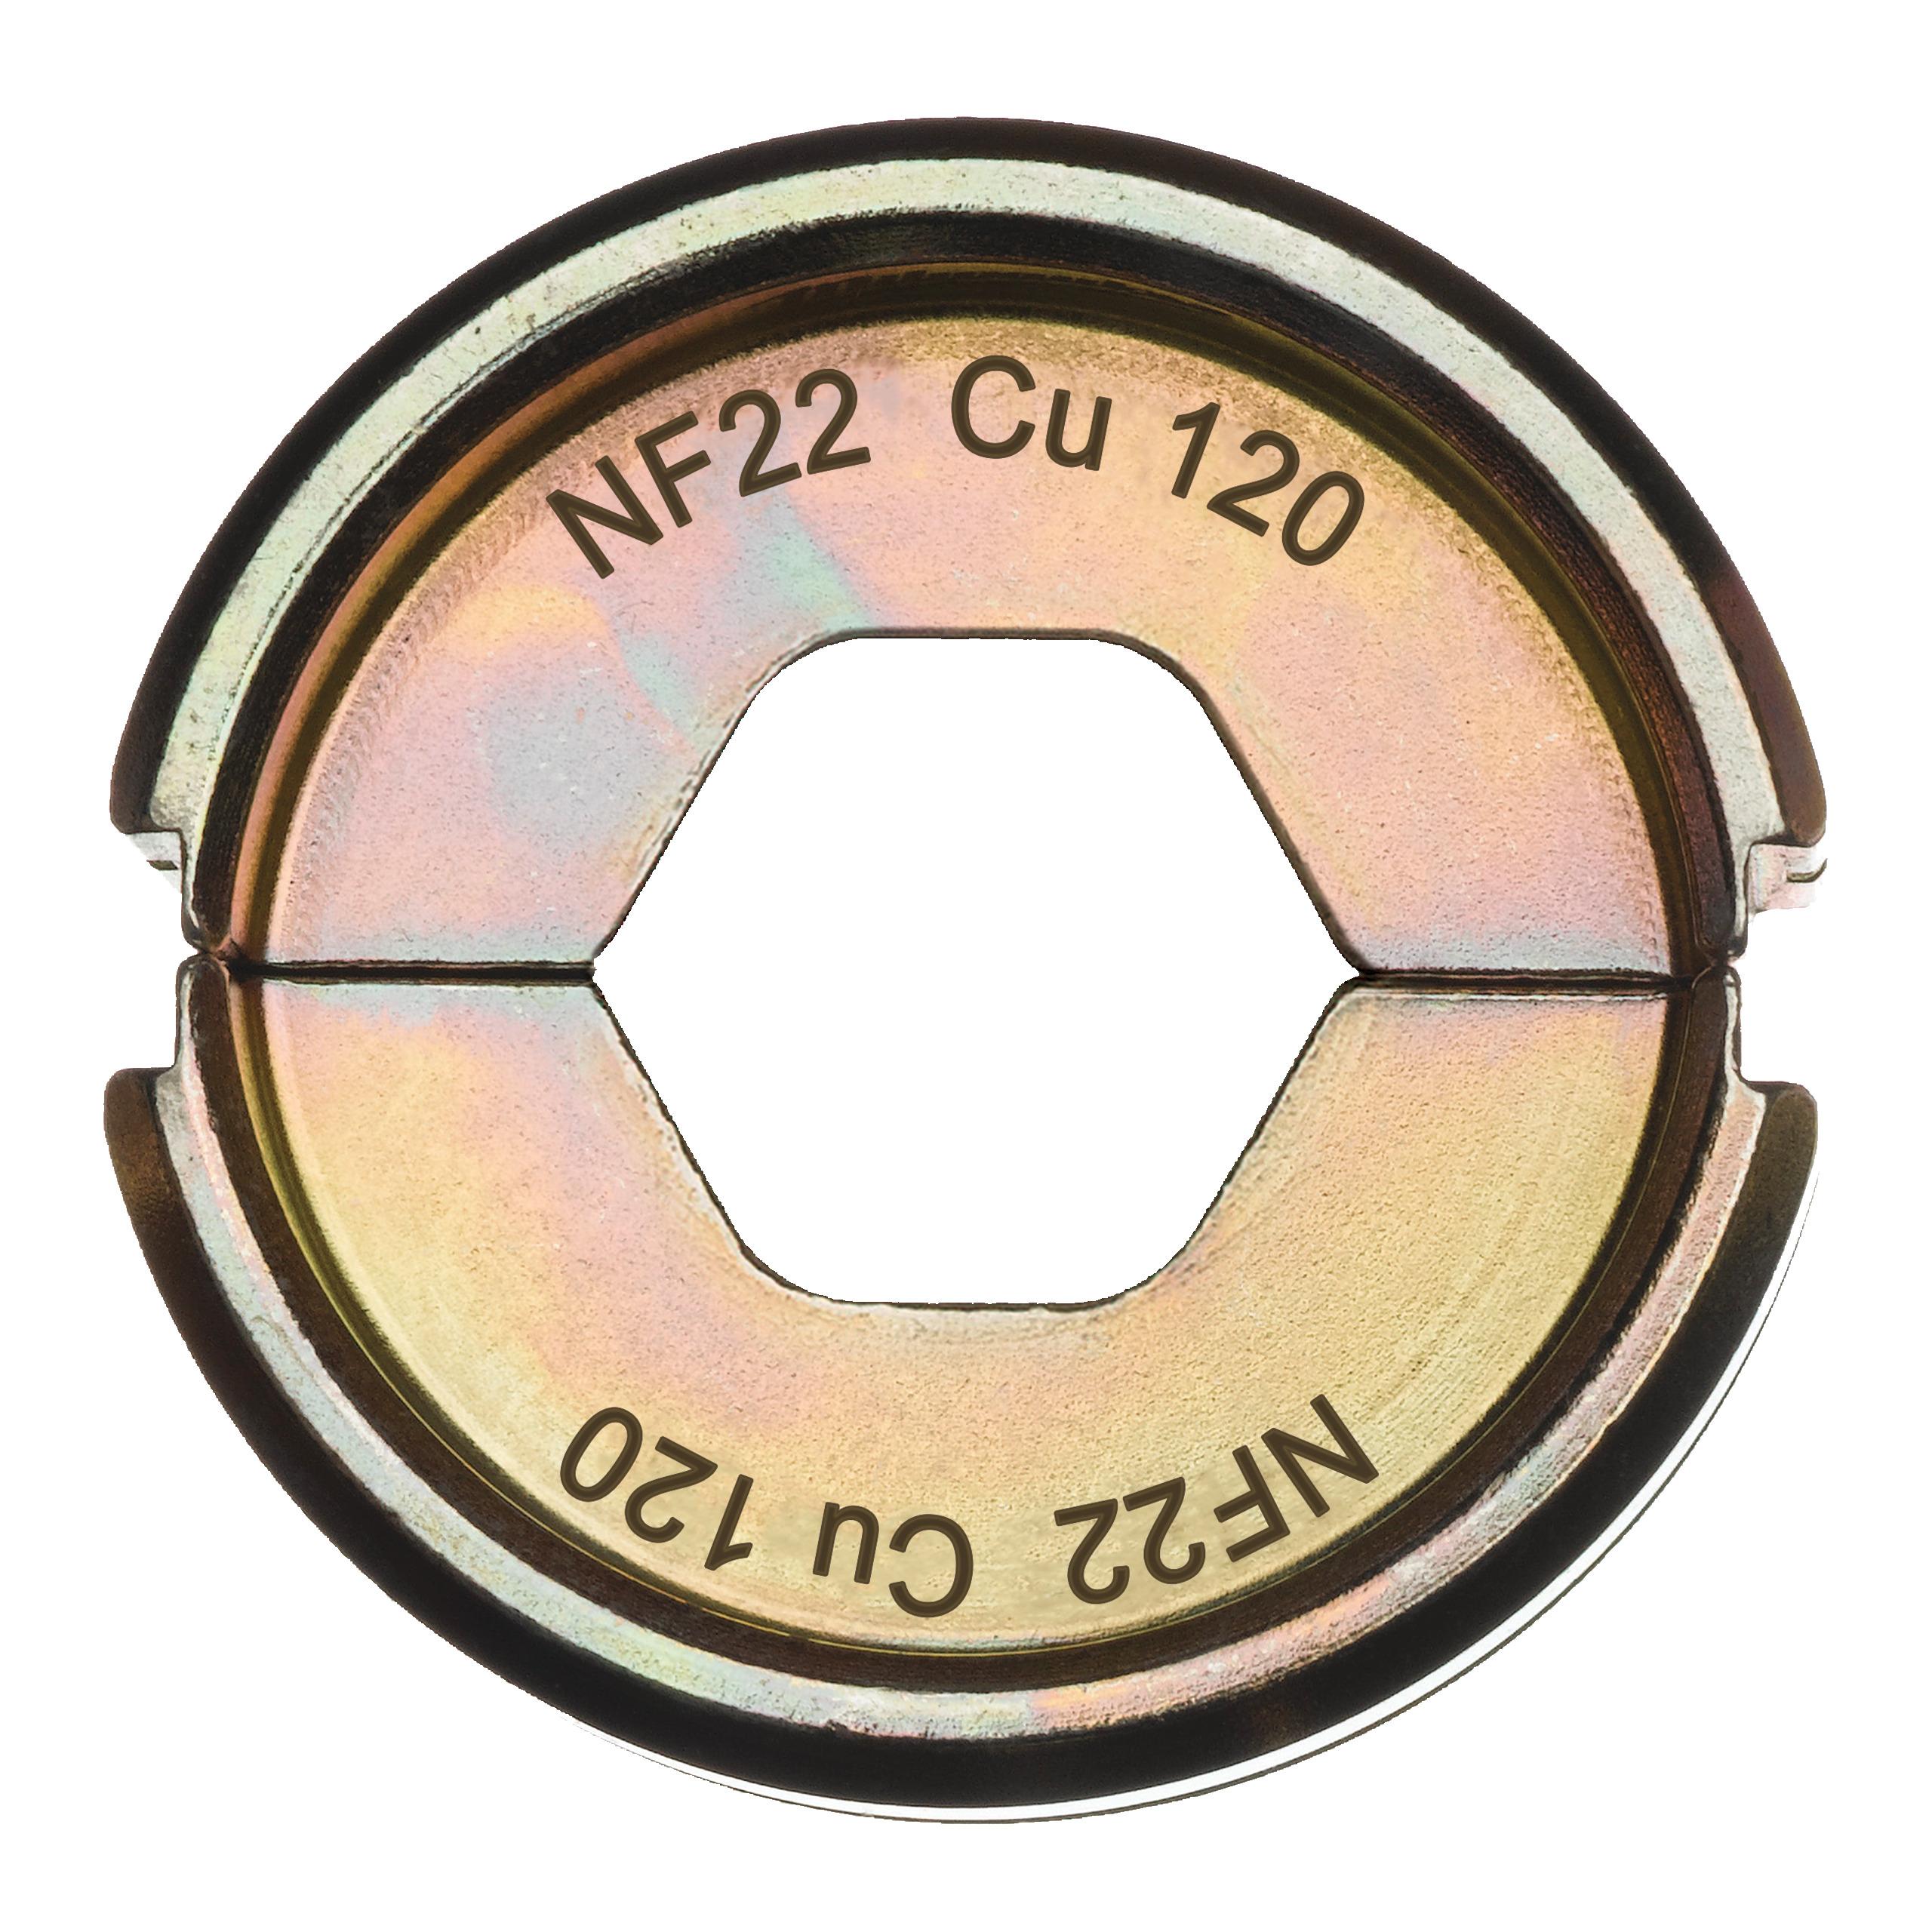 Krimpovací čelisti  NF22 Cu 120